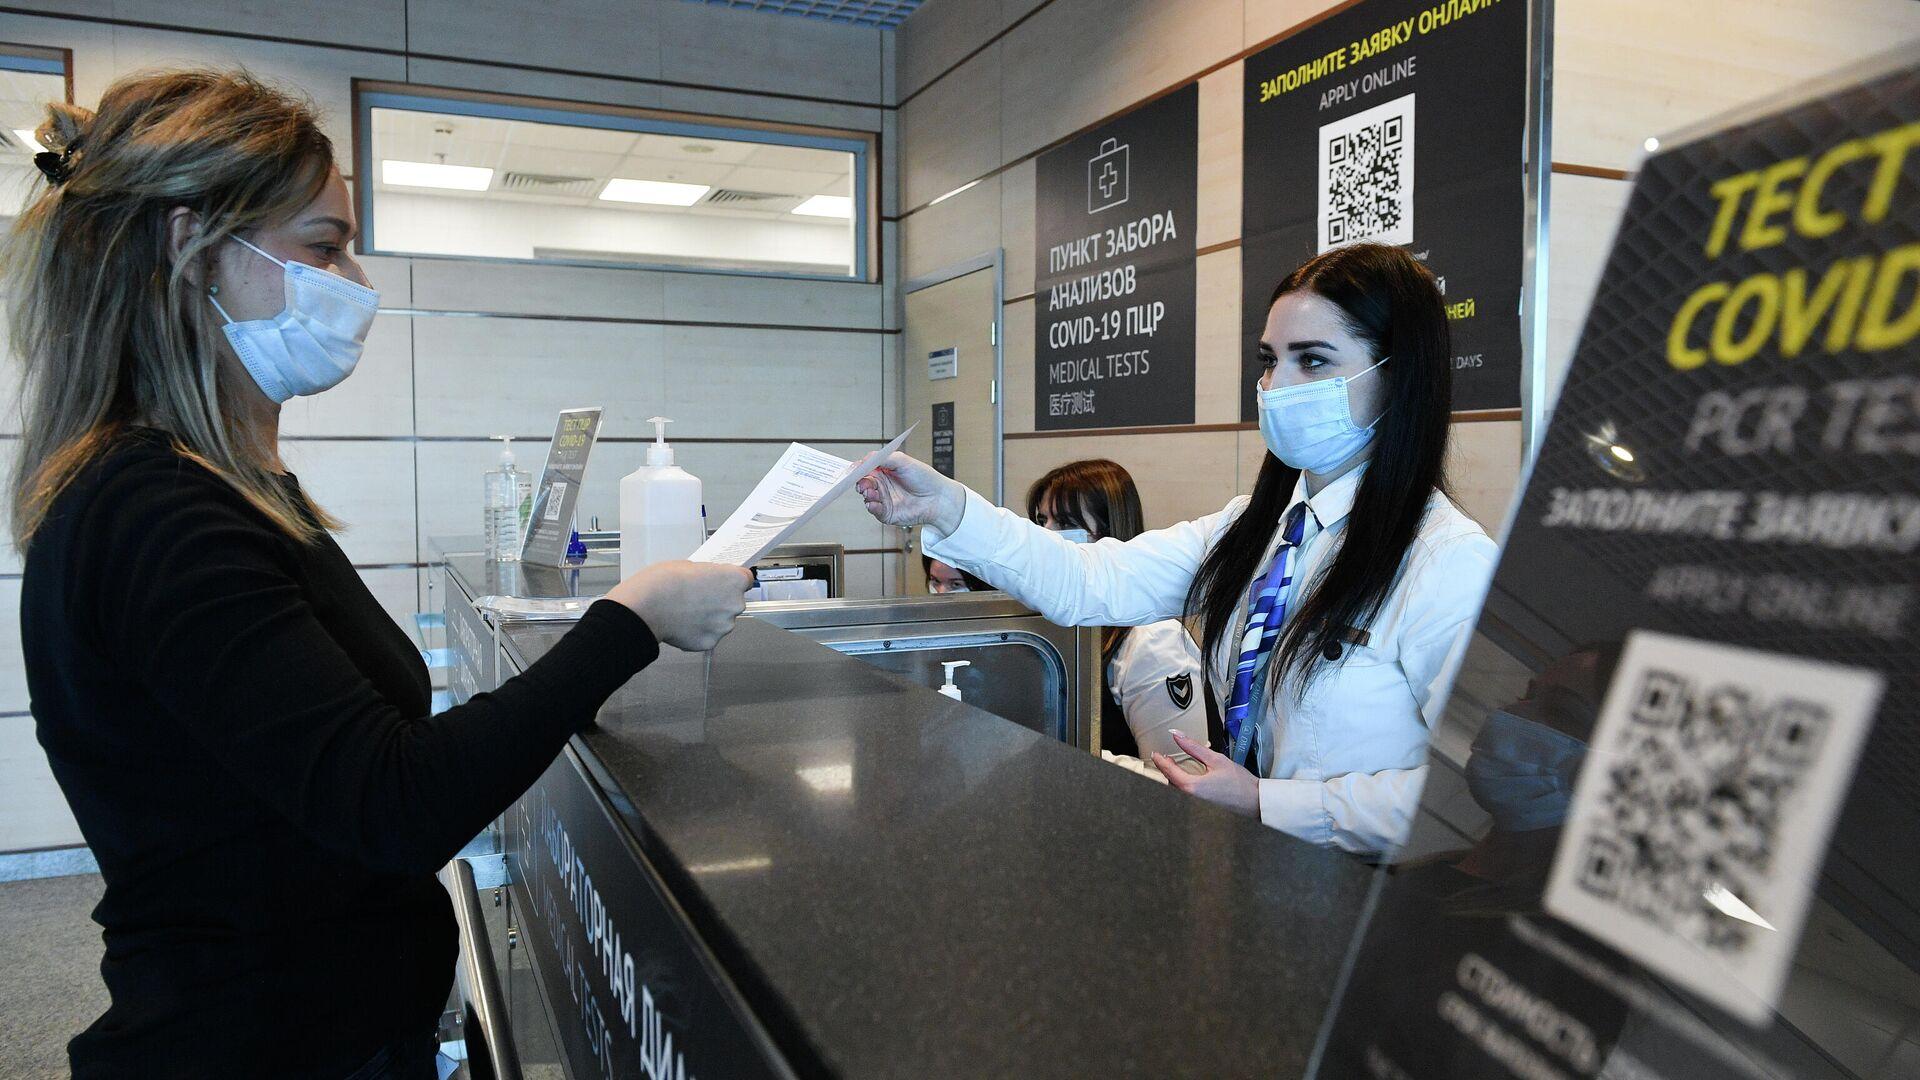 Пассажир получает сертификат международного образца о вакцинации от COVID-19 в аэропорту Домодедово - РИА Новости, 1920, 04.05.2021